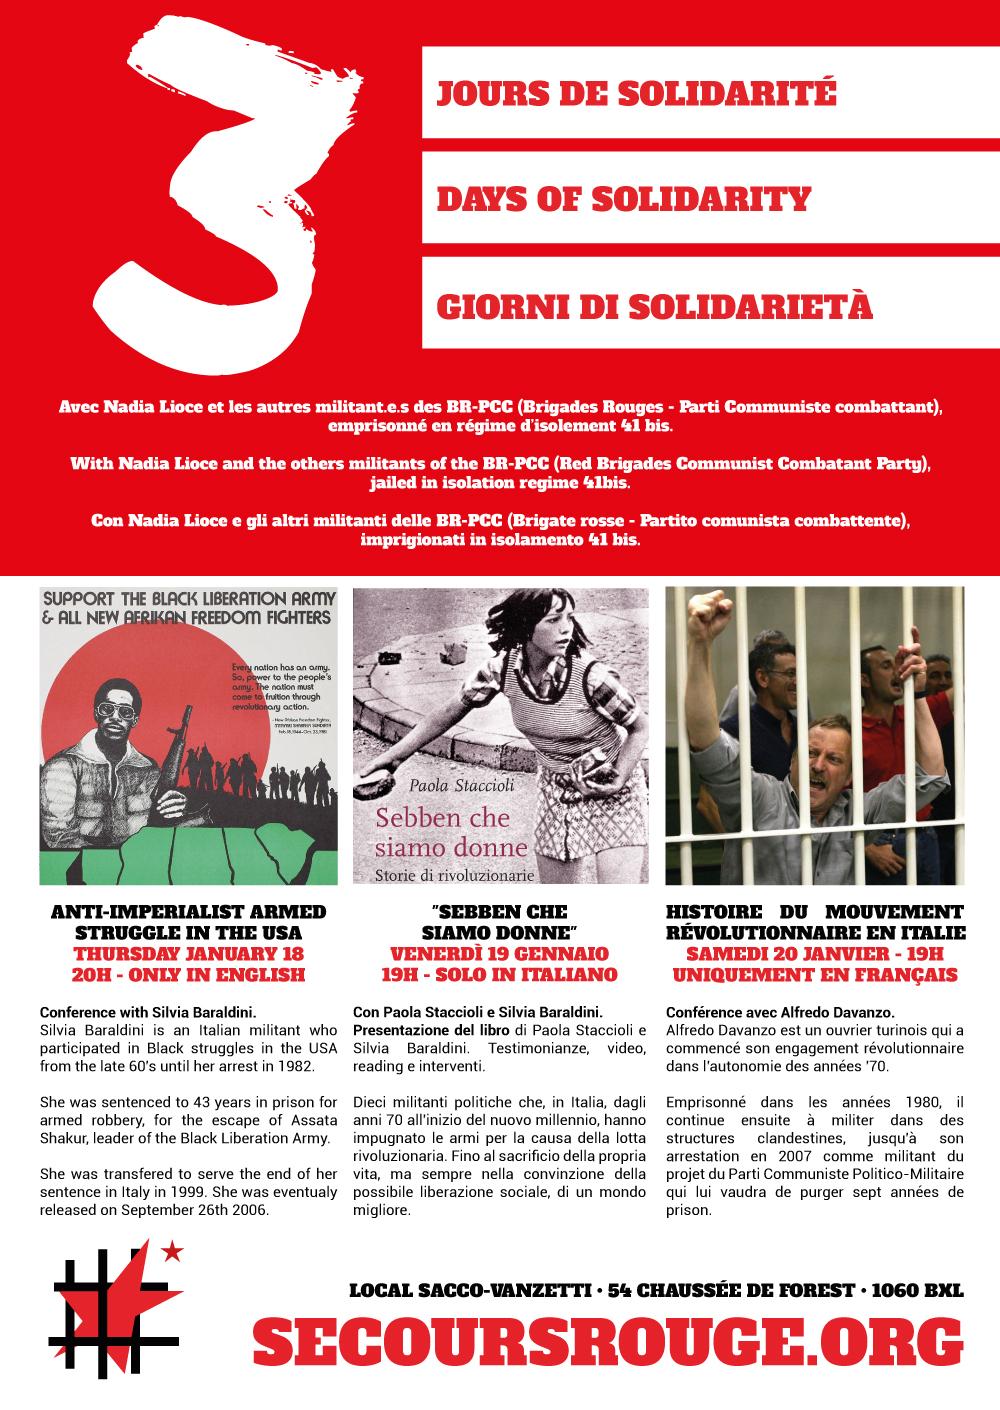 Week-end de solidarité avec les militant.e.s emprisonnés des BR-PCC